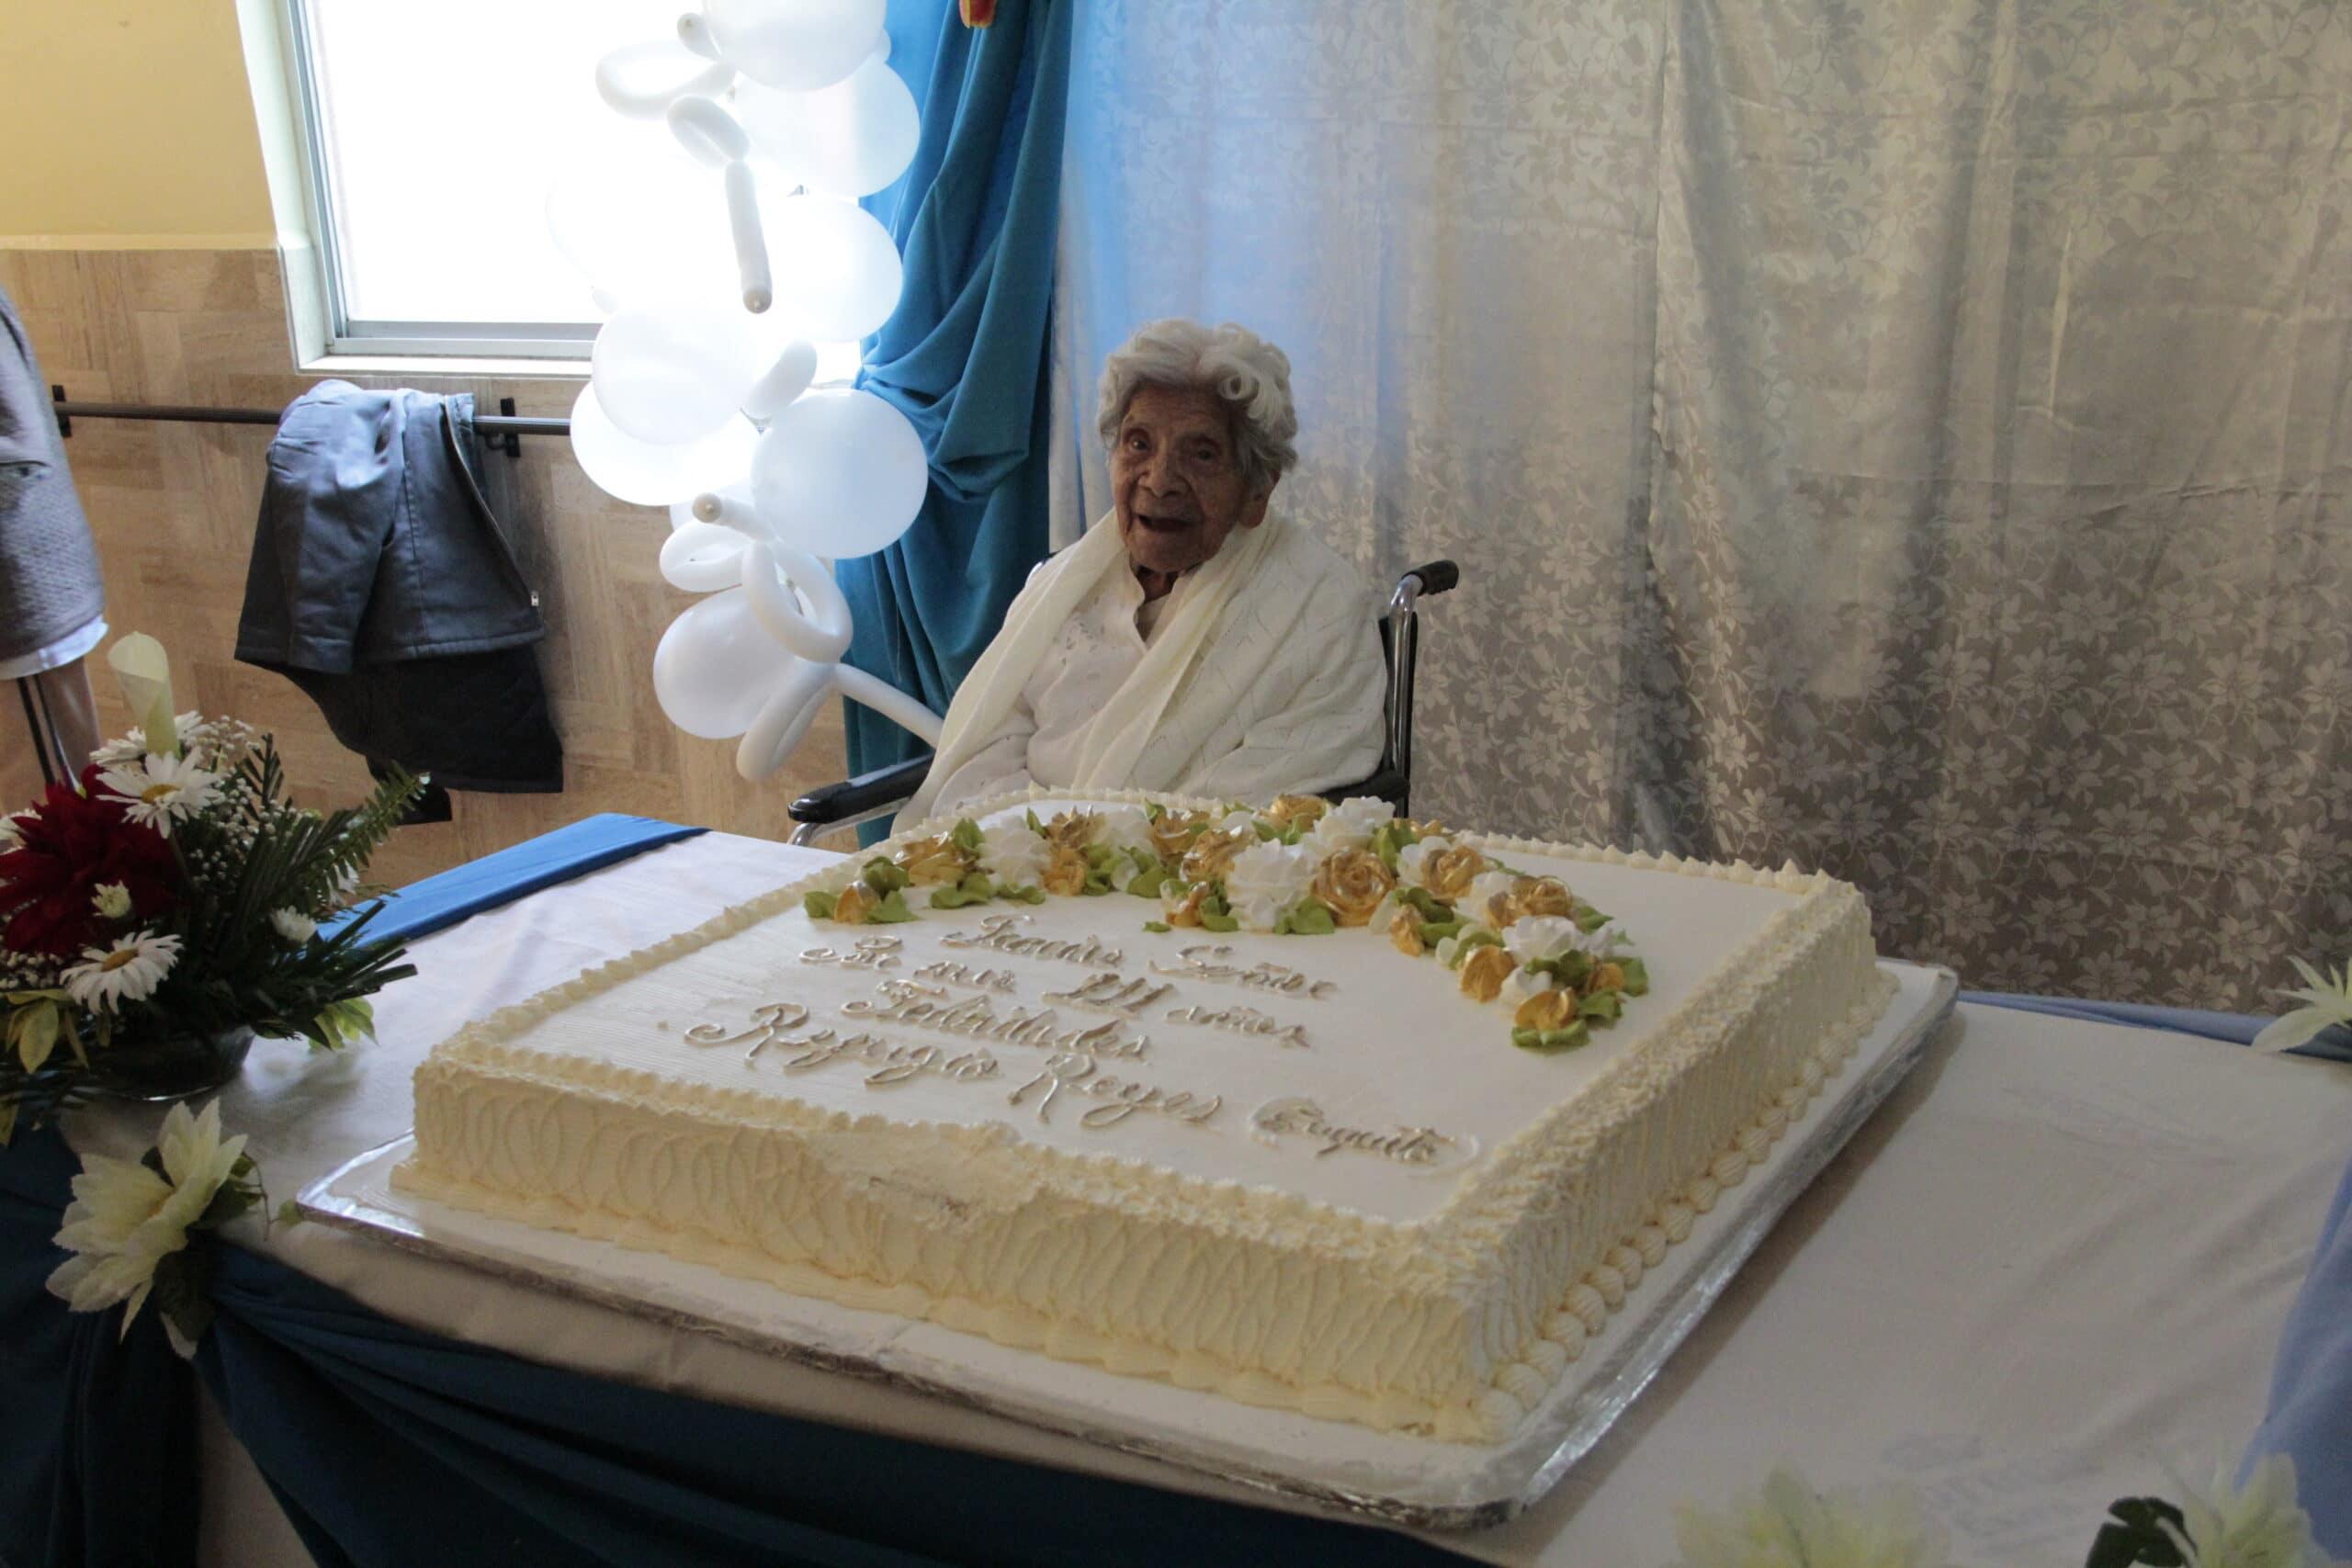 Cuquita cumplió 111 años el 4 de julio de 2021, y se lo celebraron con una fiesta un día después. Foto: Alejandro García/Desde la fe.